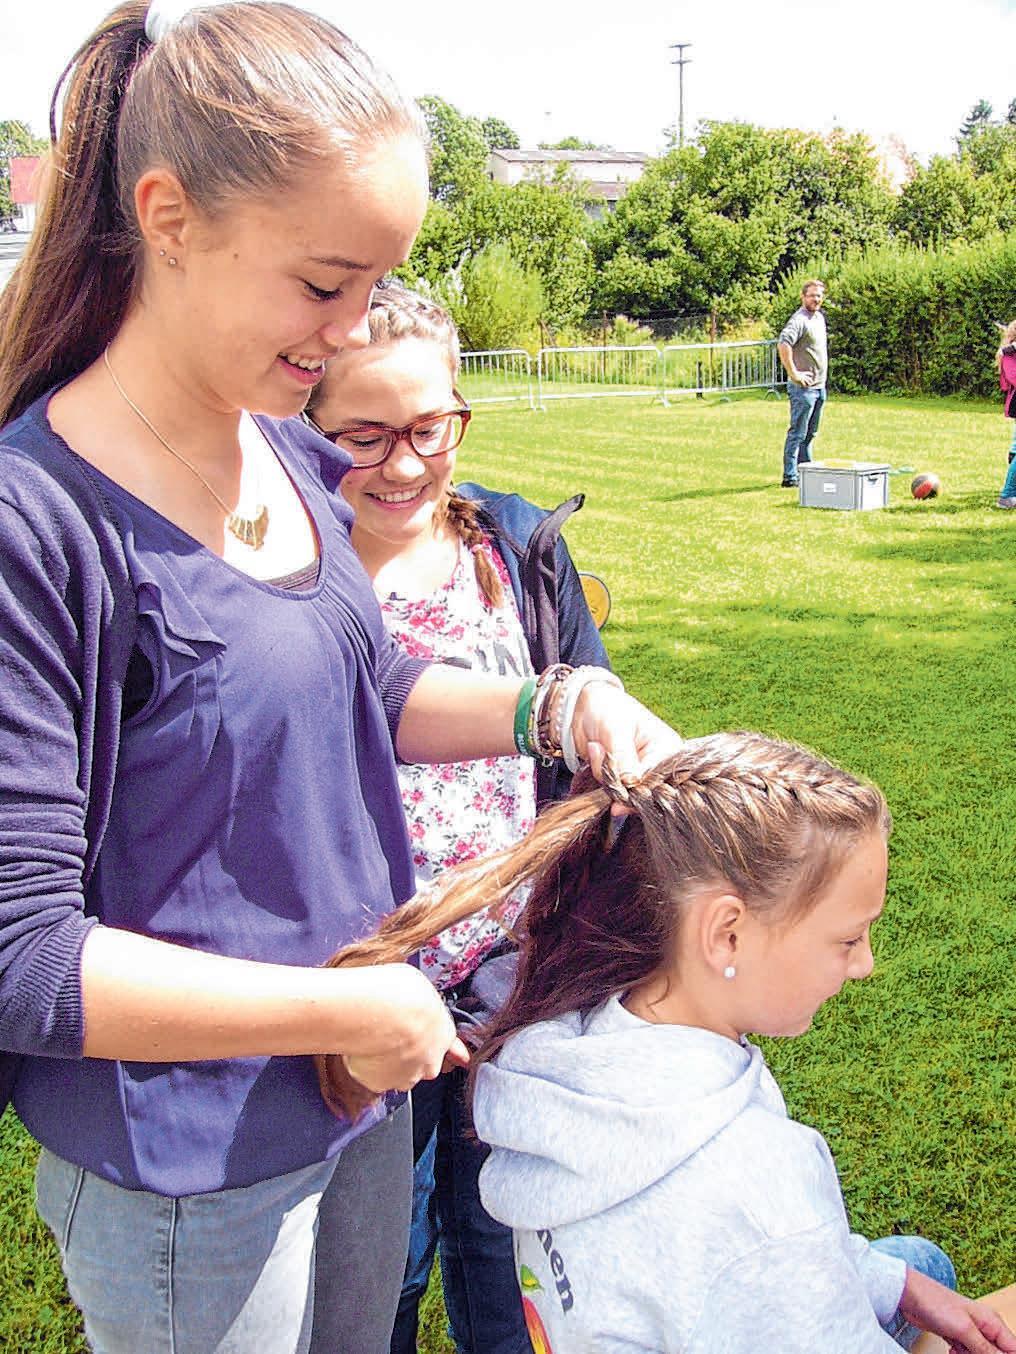 Auch für die kleinen Besucher gibt es wieder verschiedene Aktionen auf der Kinderspielwiese. FOTO: KUHLMANN